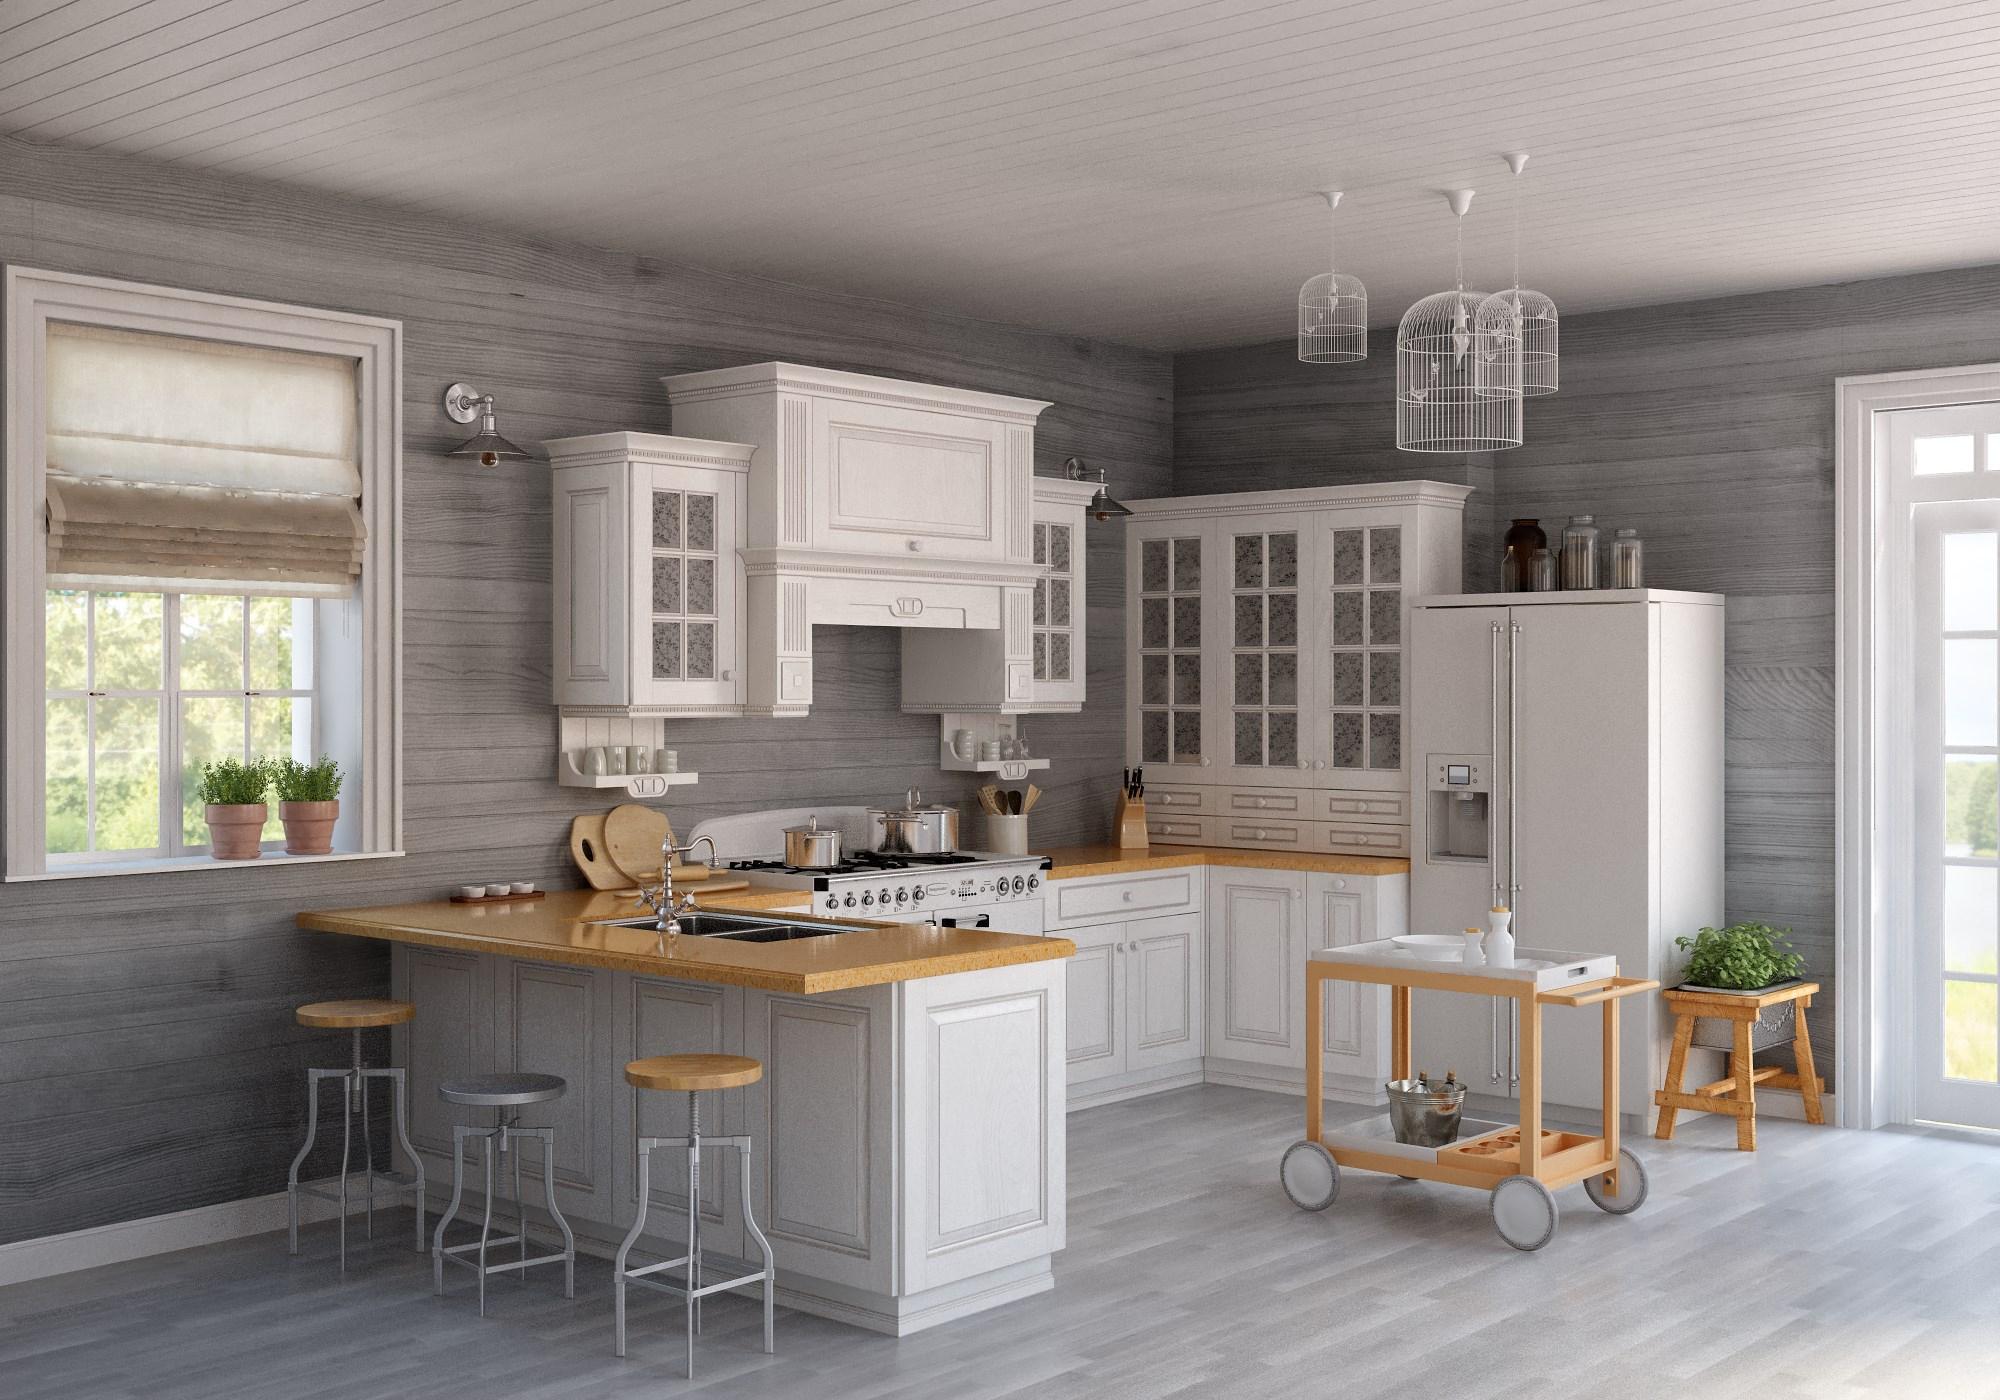 Белый, серый и коричневый цвета в интерьере современной кухни в стиле прованс